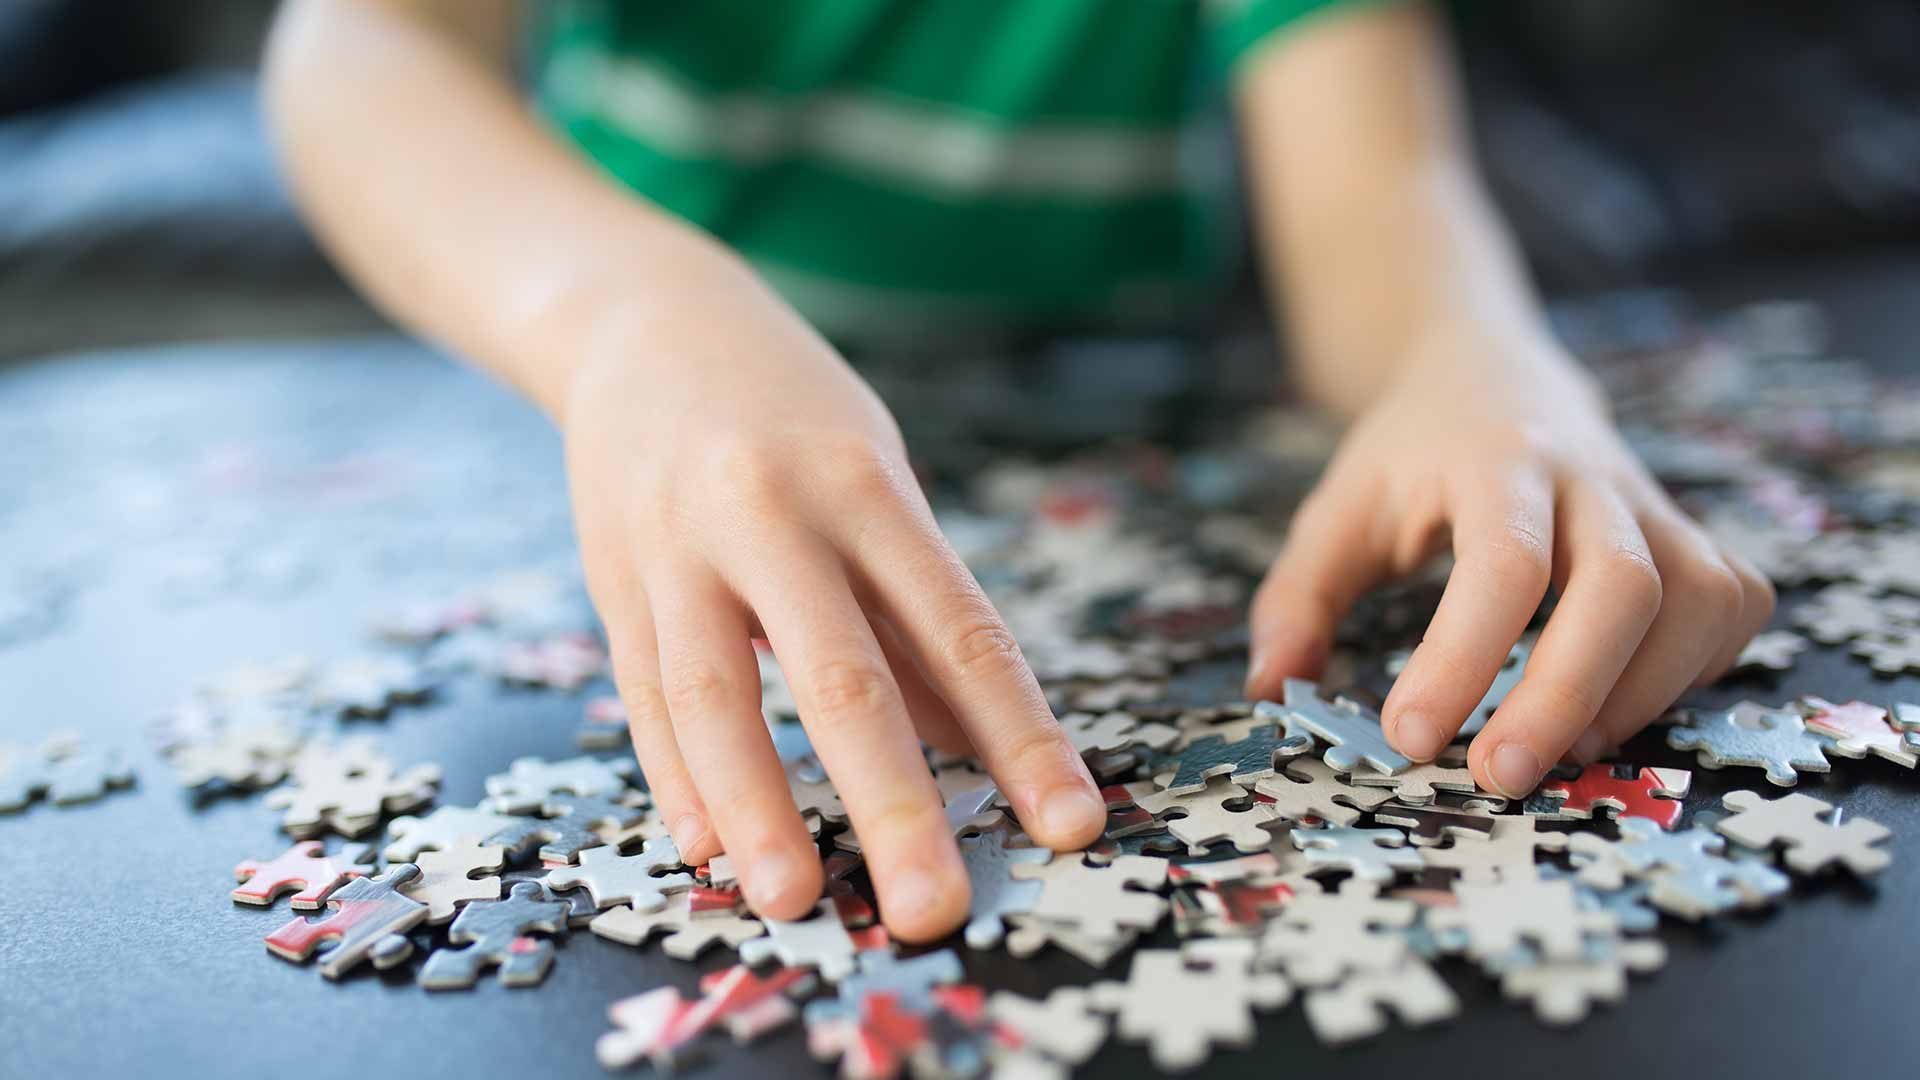 Evde Puzzle Yaparak Para Kazanmak Mümkün Mü, Ne Yapılmalıdır?